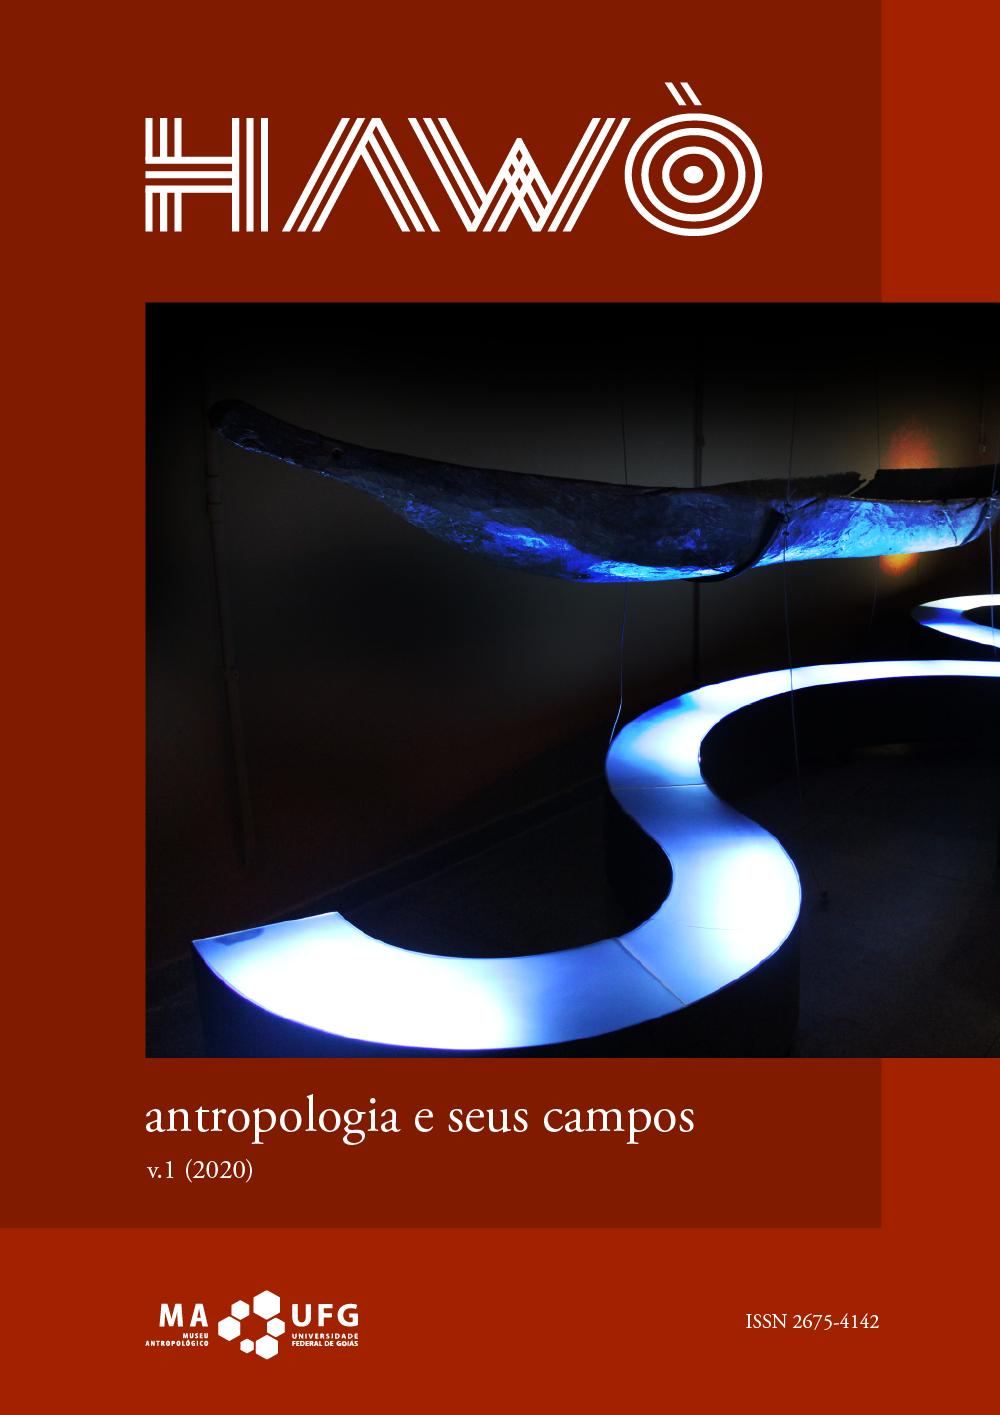 Visualizar v. 1 (2020): Antropologia e seus campos - Dossiê Indira